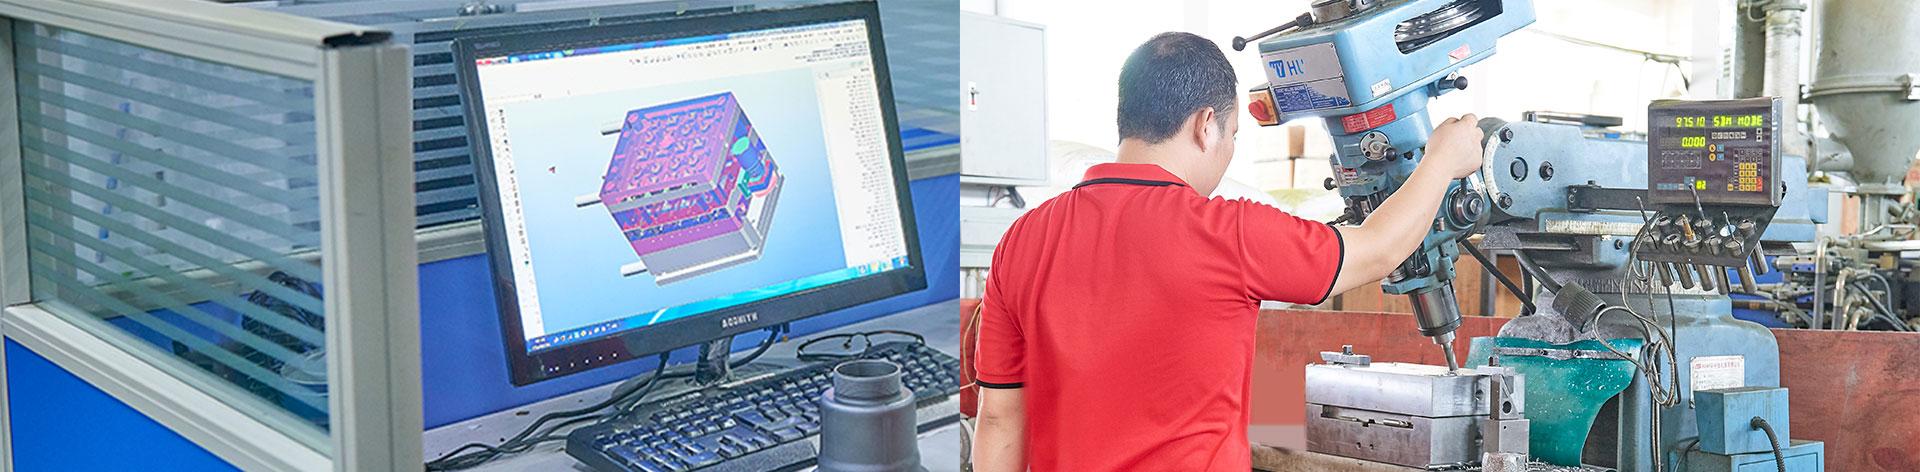 欧顺诺-有十多年的行业技术经验人员18人,全套产品自行设计和生产;有经过系统培训的一线生产员工180人,个性化定制,标准化生产